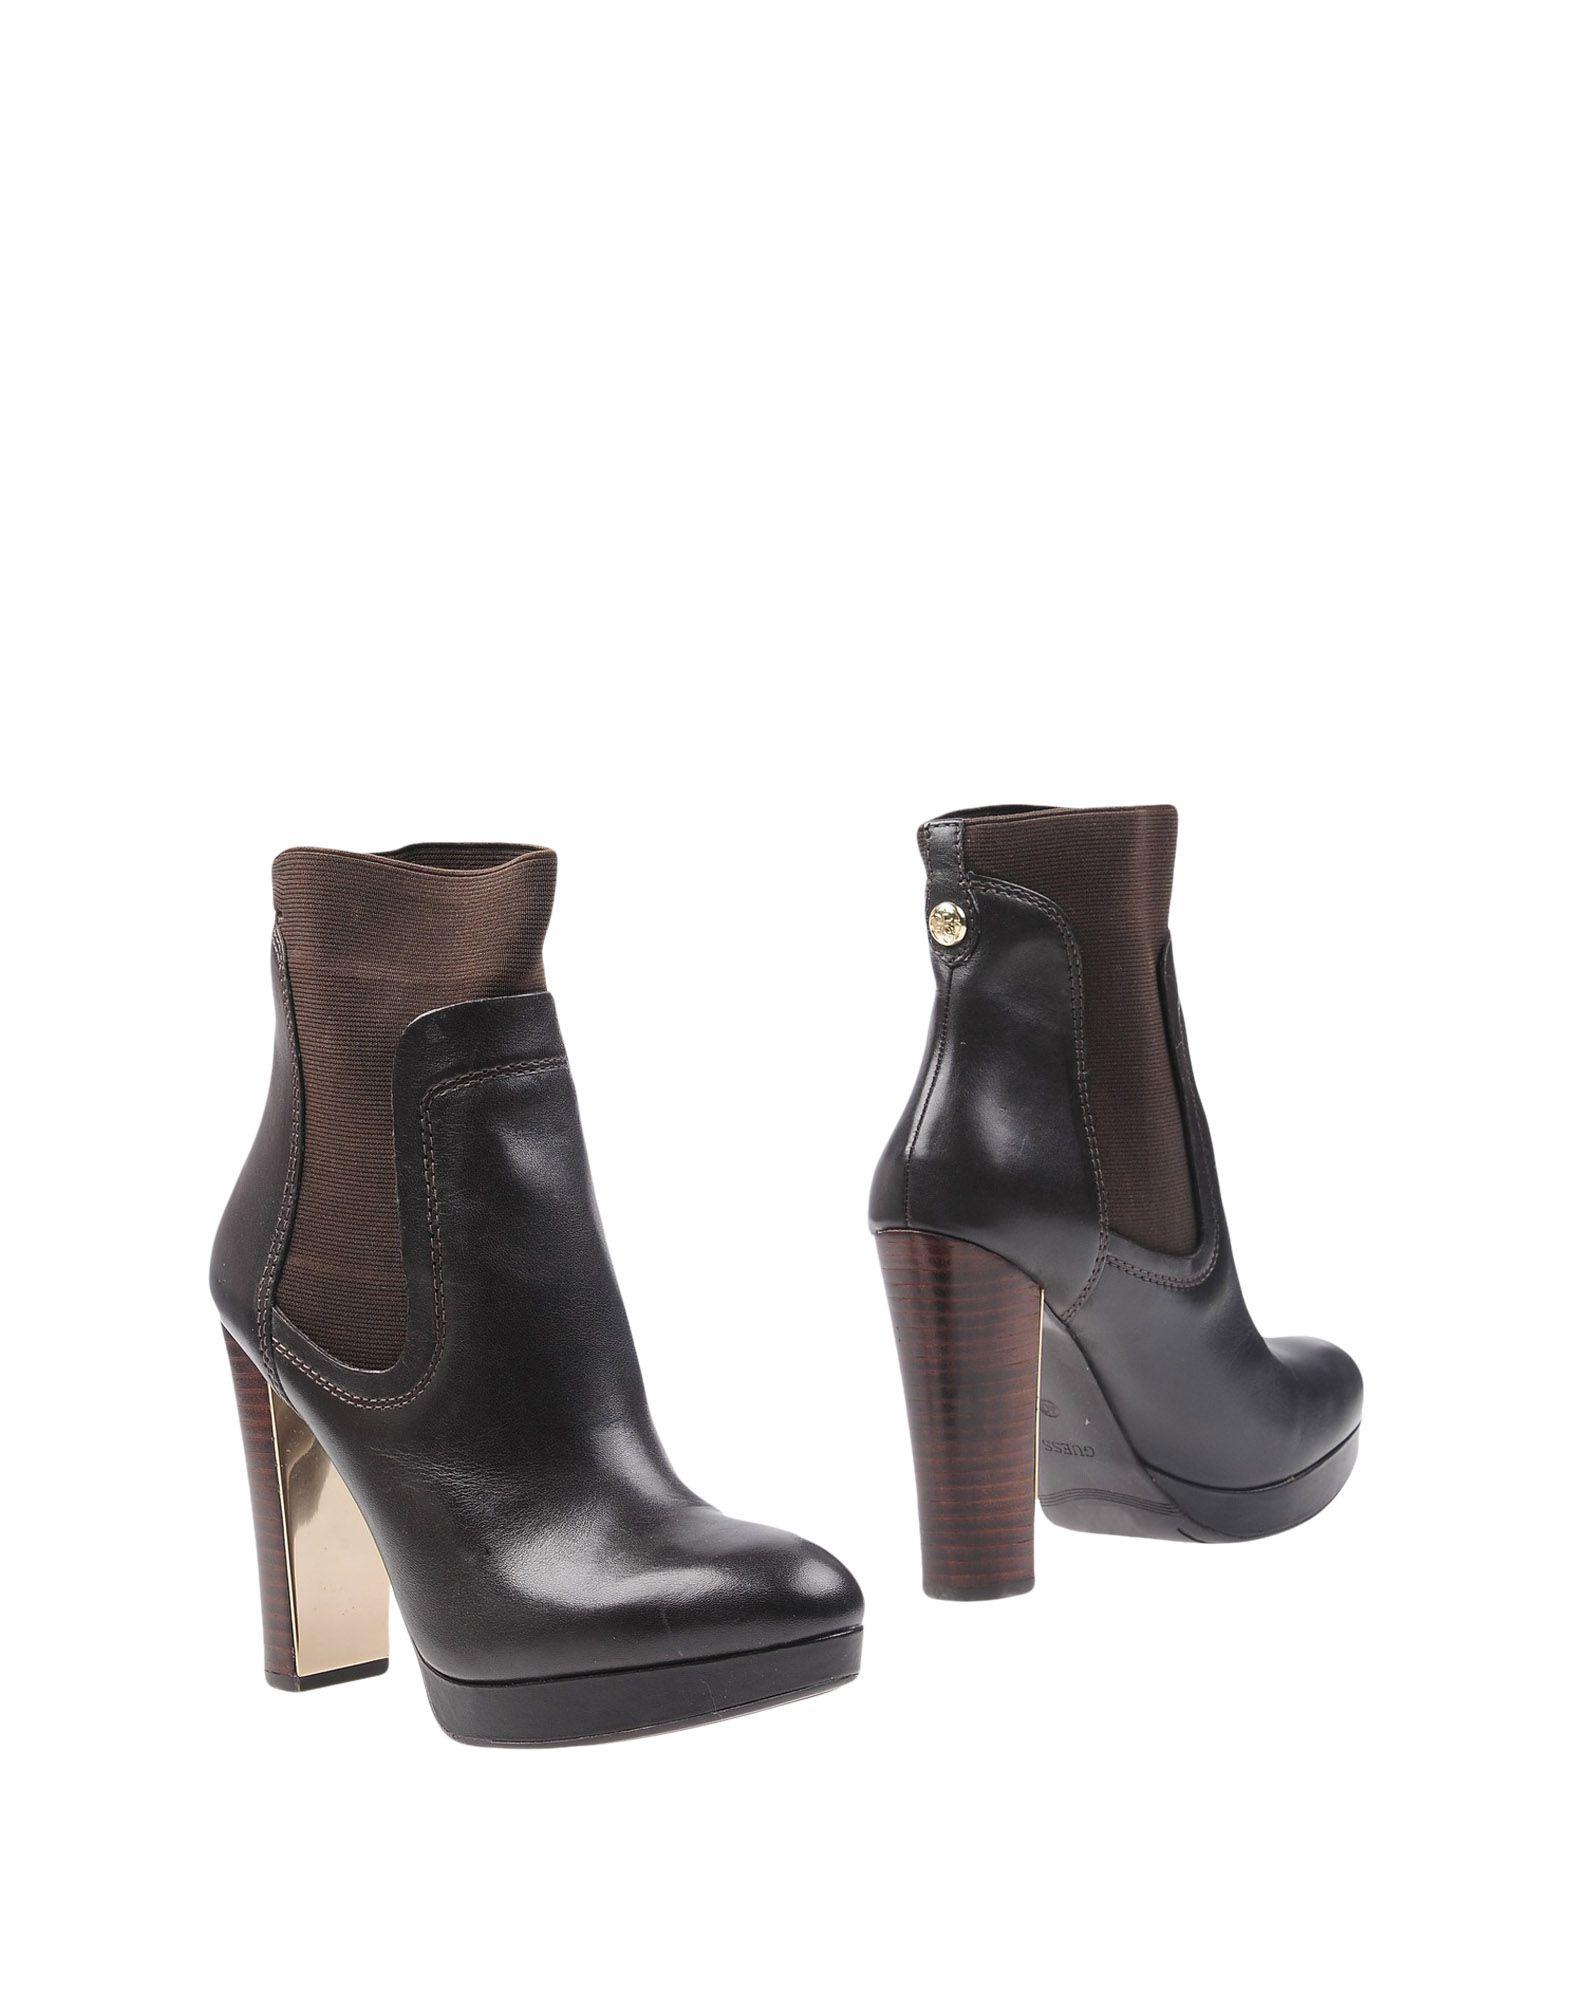 Stilvolle billige Schuhe Damen Guess Chelsea Boots Damen Schuhe  11300665II 756b99